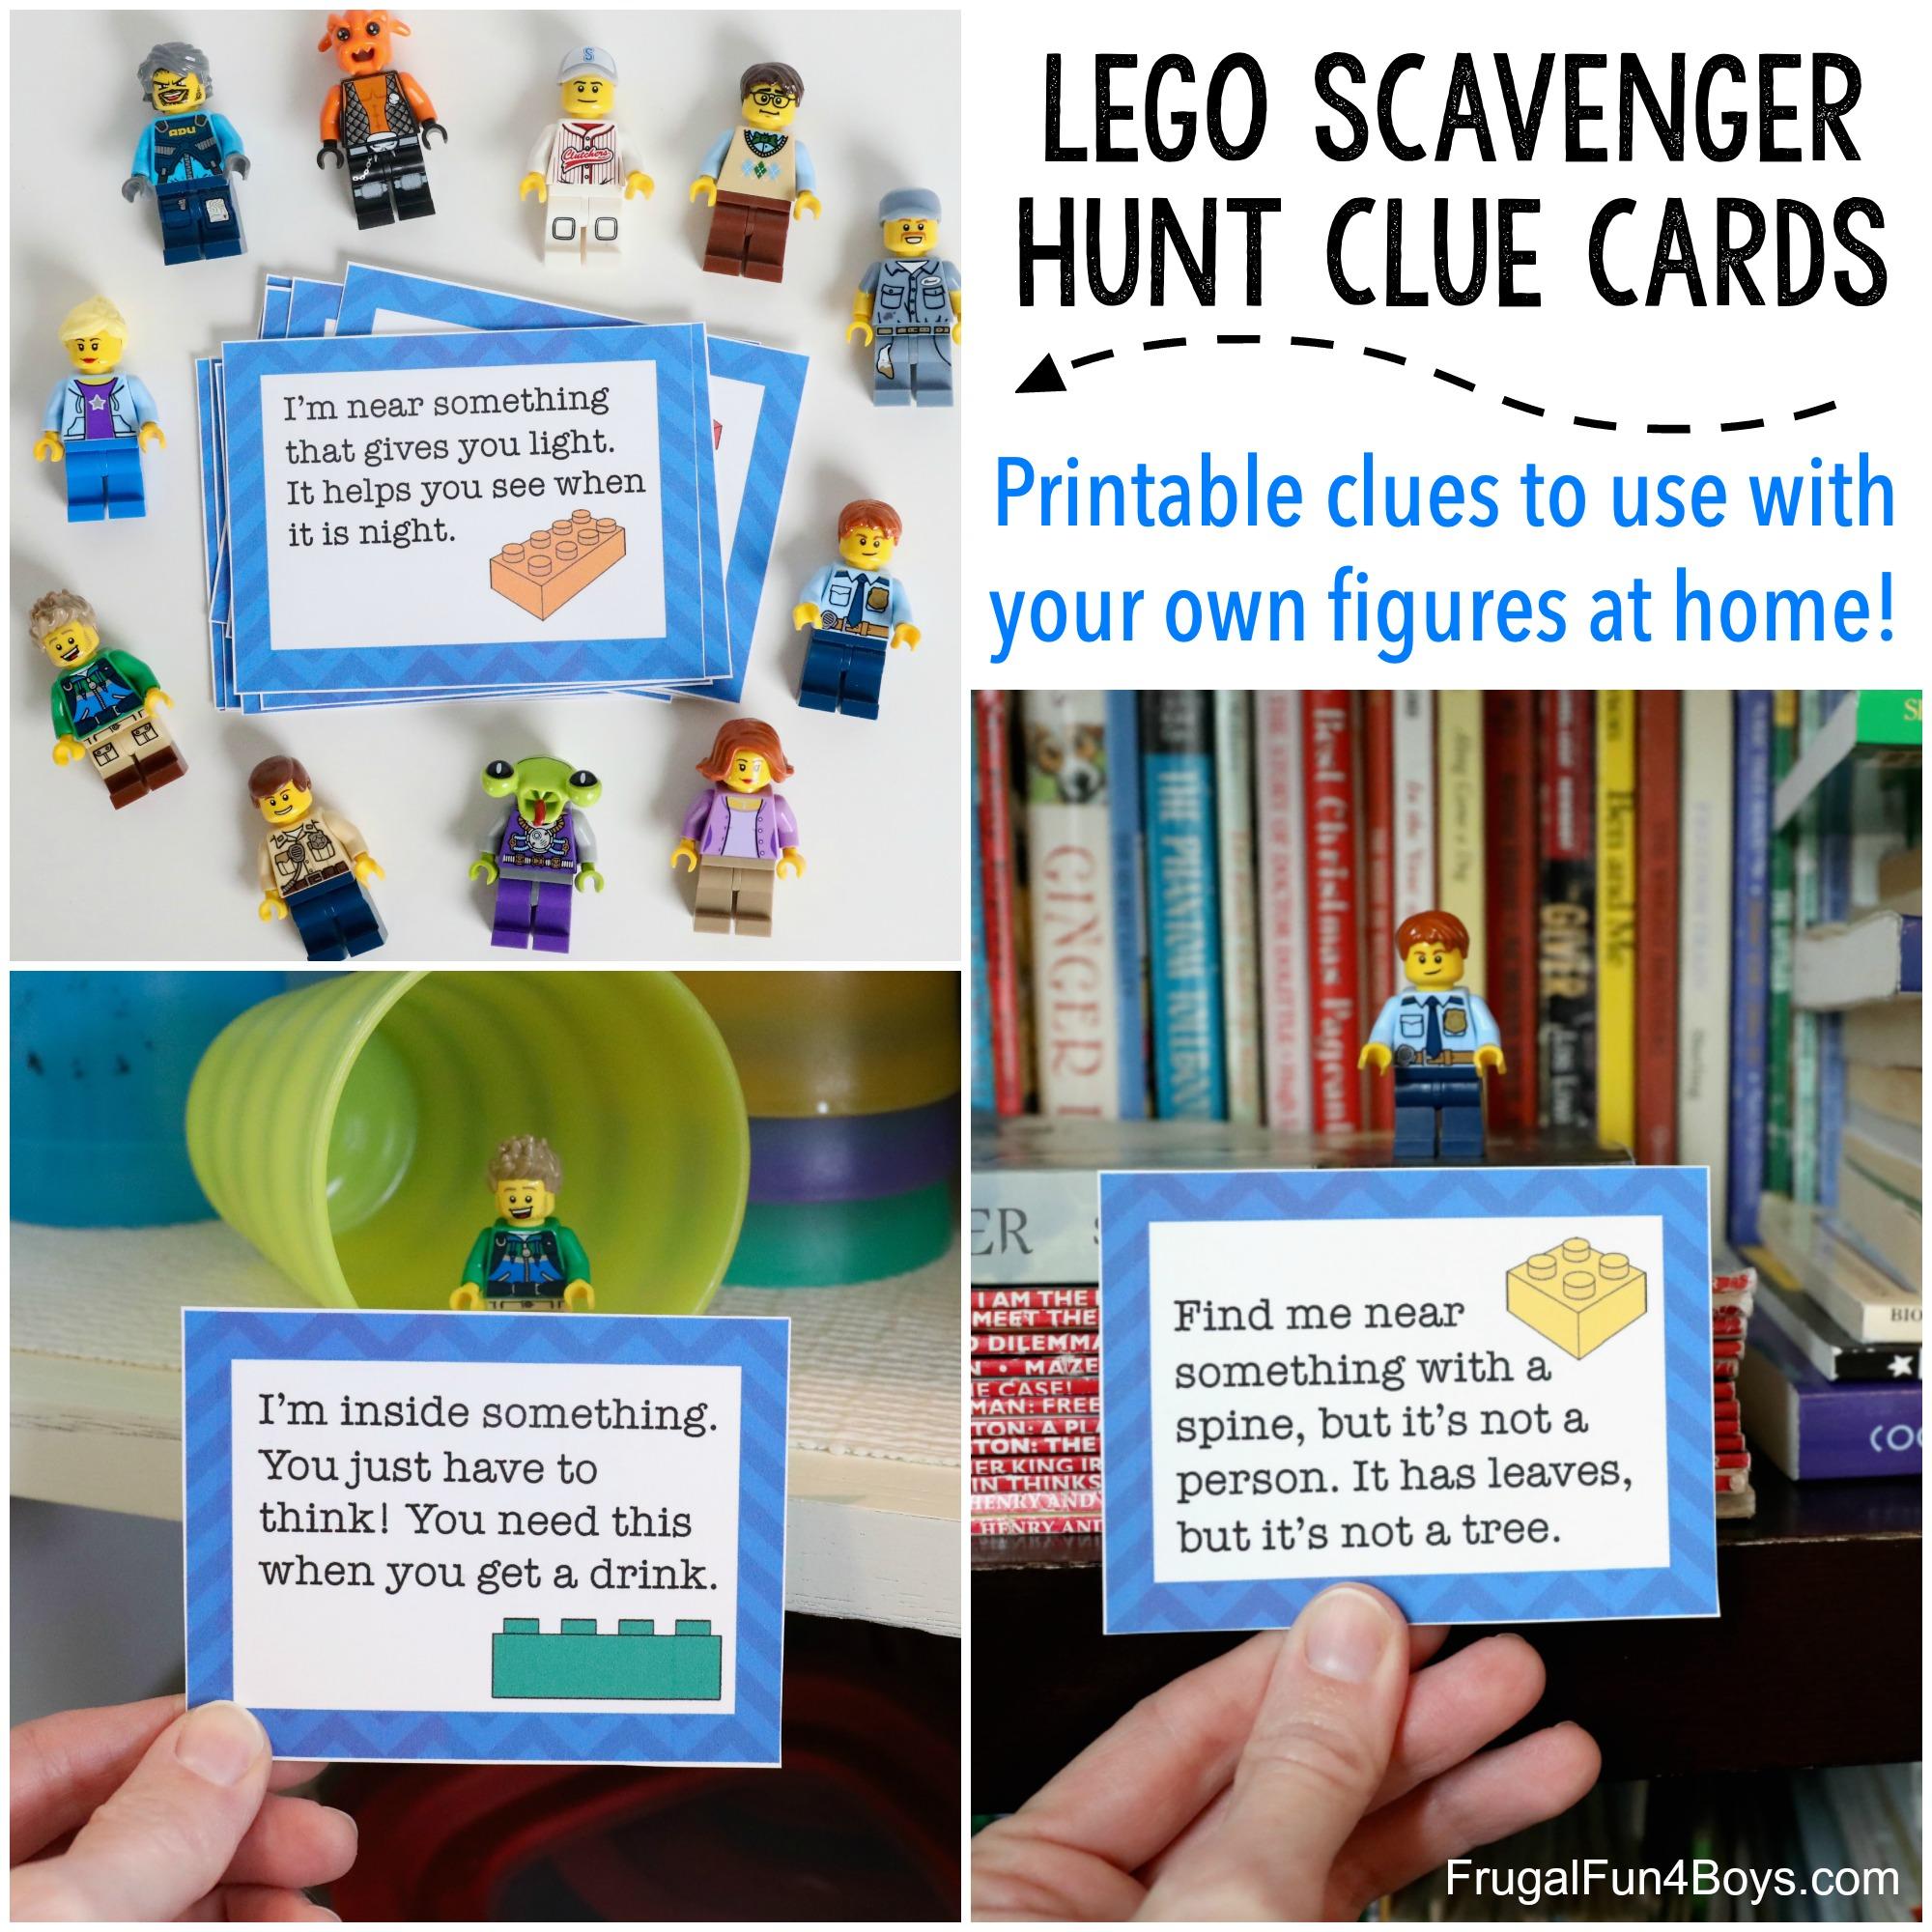 LEGO scavenger hunt clue cards